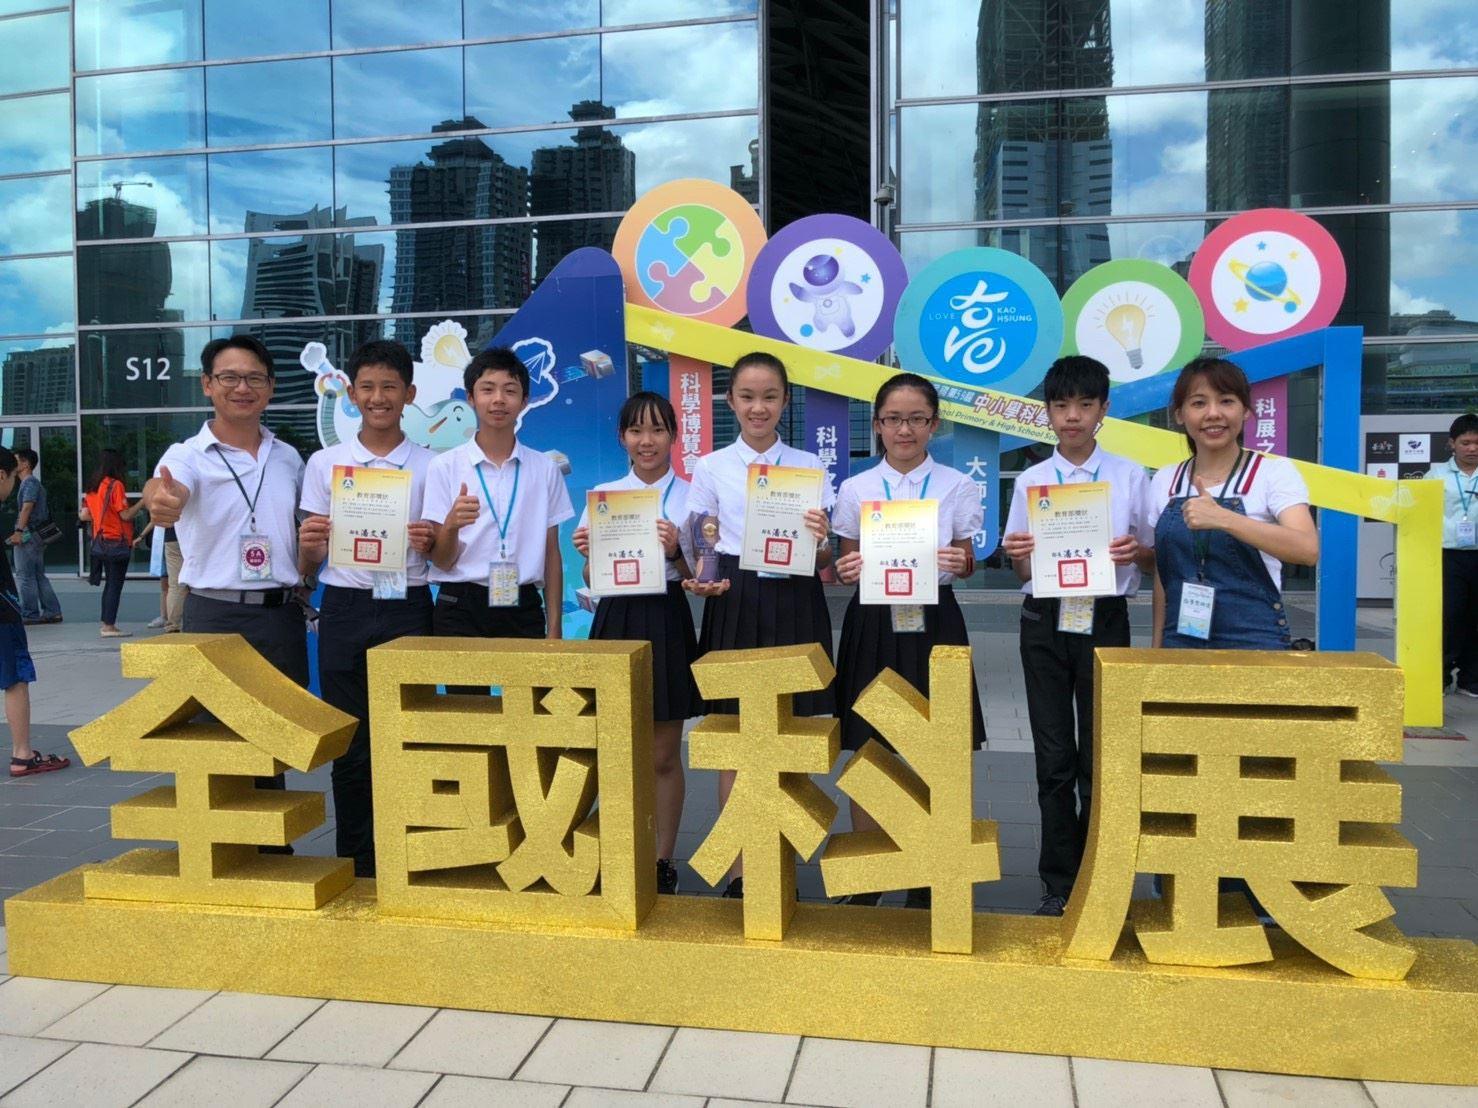 第59屆全國科展竹縣成績優異 興隆國小榮獲第二名